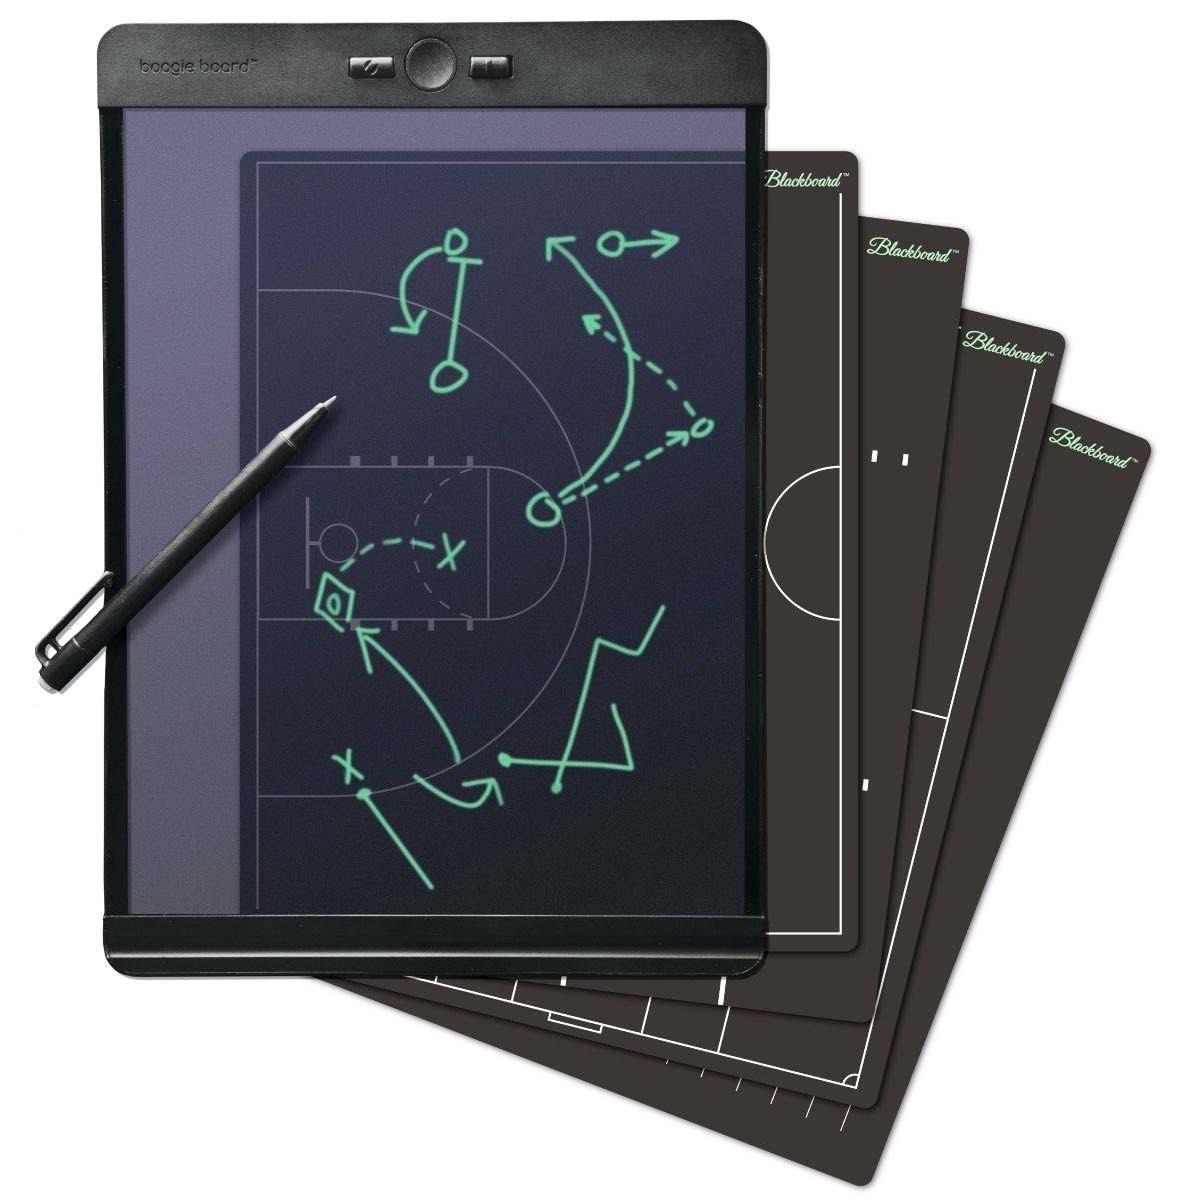 Home Design Ideas Blackboard: Boogie Board Sports Coaching Blackboard - A94-305